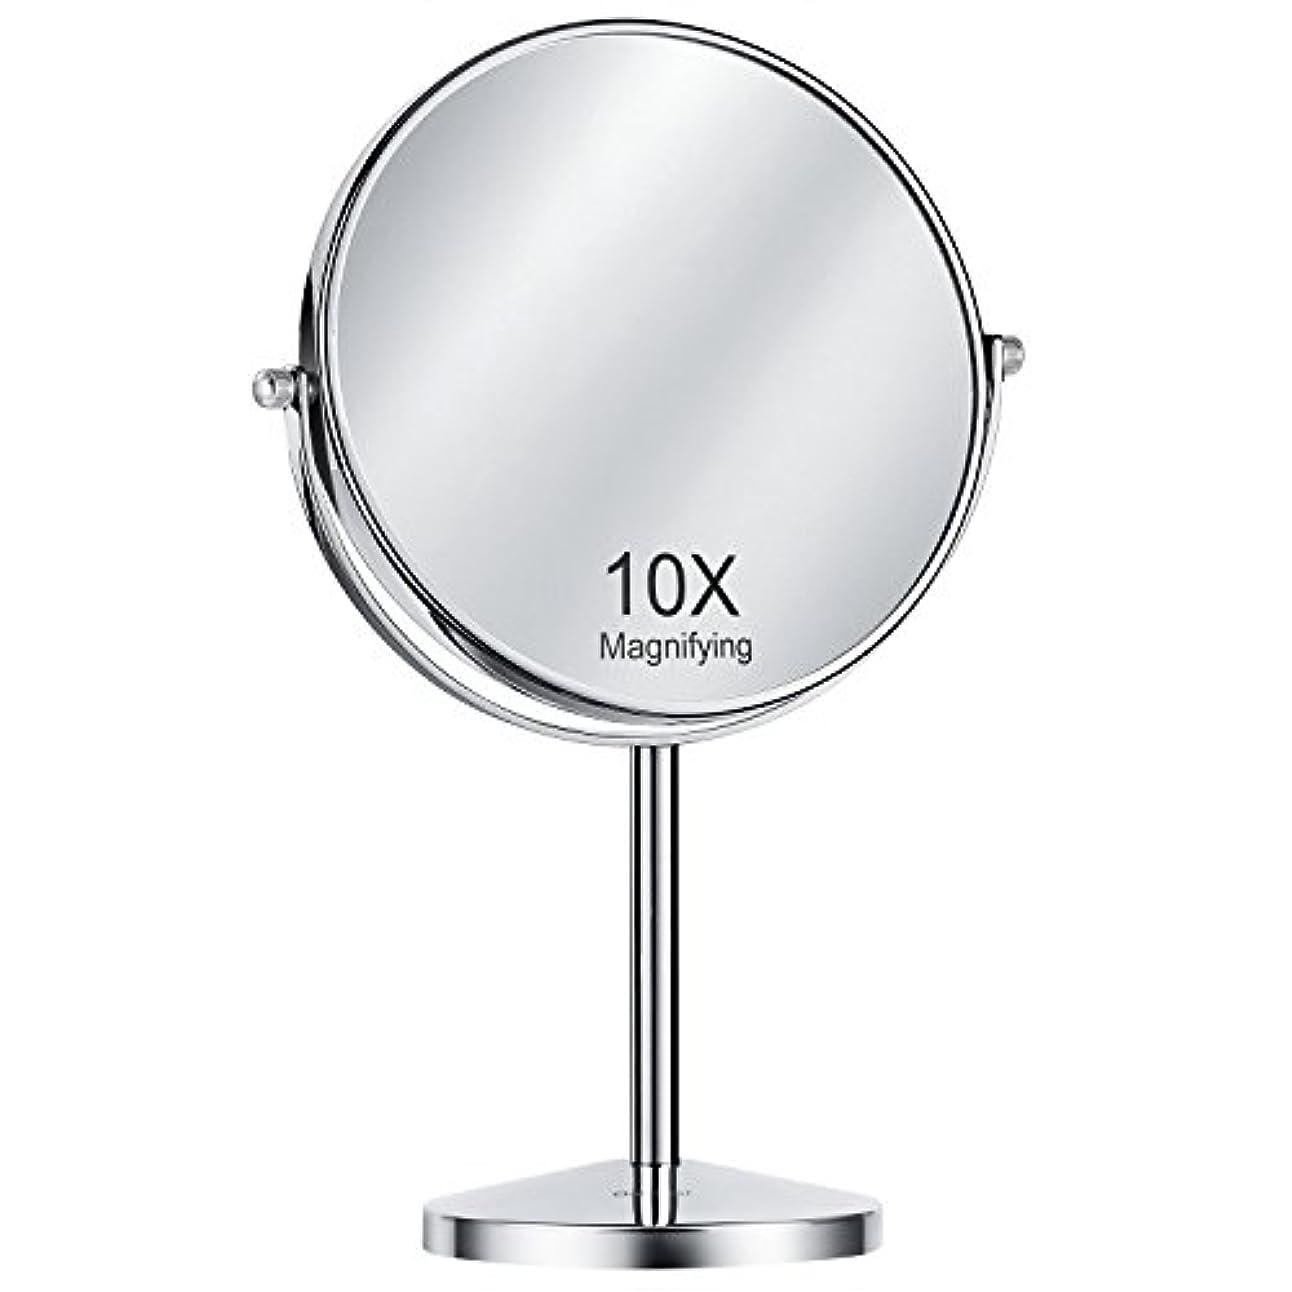 聖歌欠点シンクOak Leaf 拡大化粧鏡両面 1x / 10倍 倍率卓上スイベルバニティミラー8インチ 10倍(8インチ)